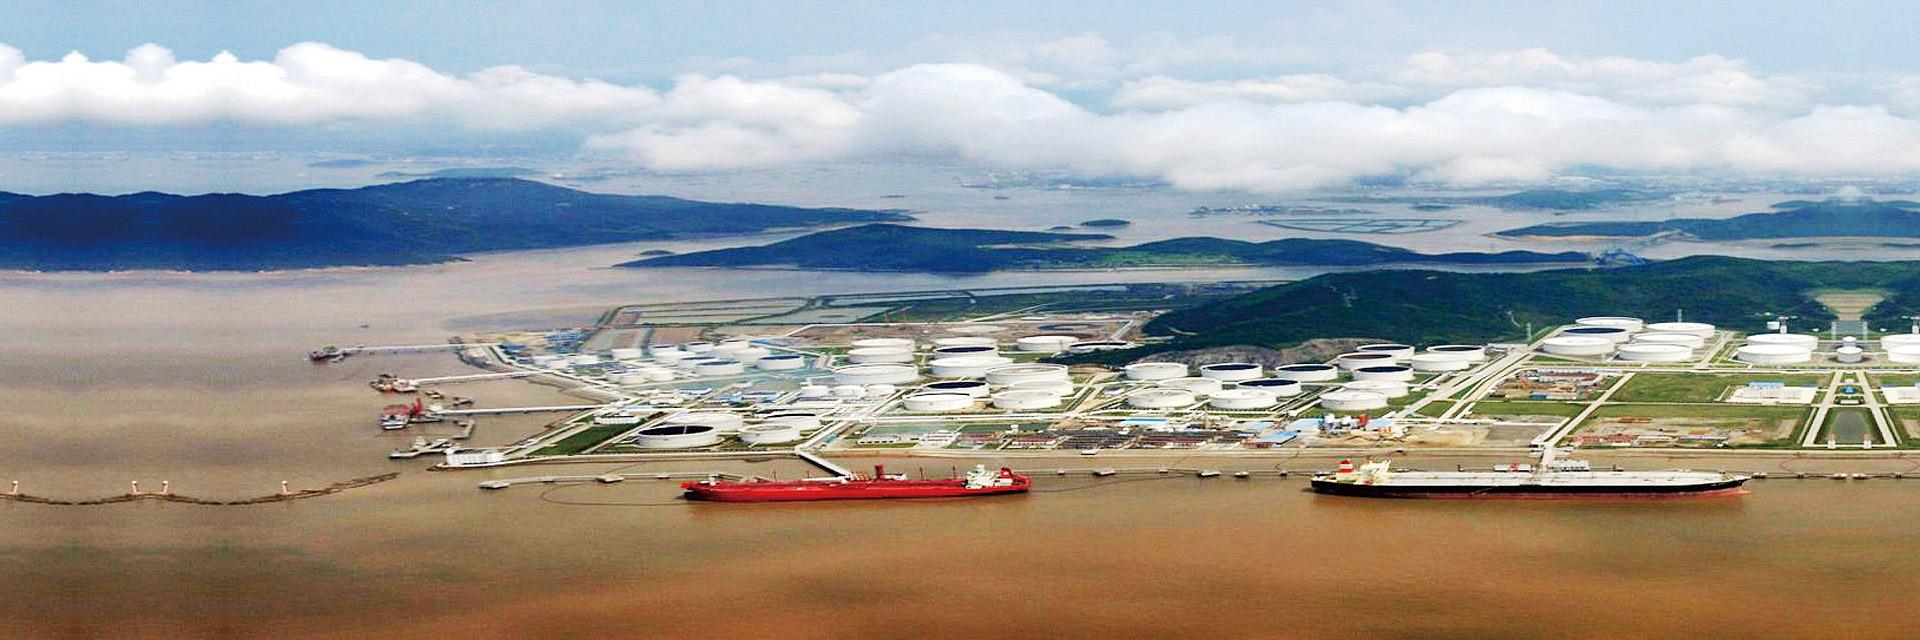 千赢国际电脑版环境为中化兴中石油转运(舟山)有限公司提供大型炼化基地和码头油气回收系统解决方案,VOC油气处理量近每小时4000m³